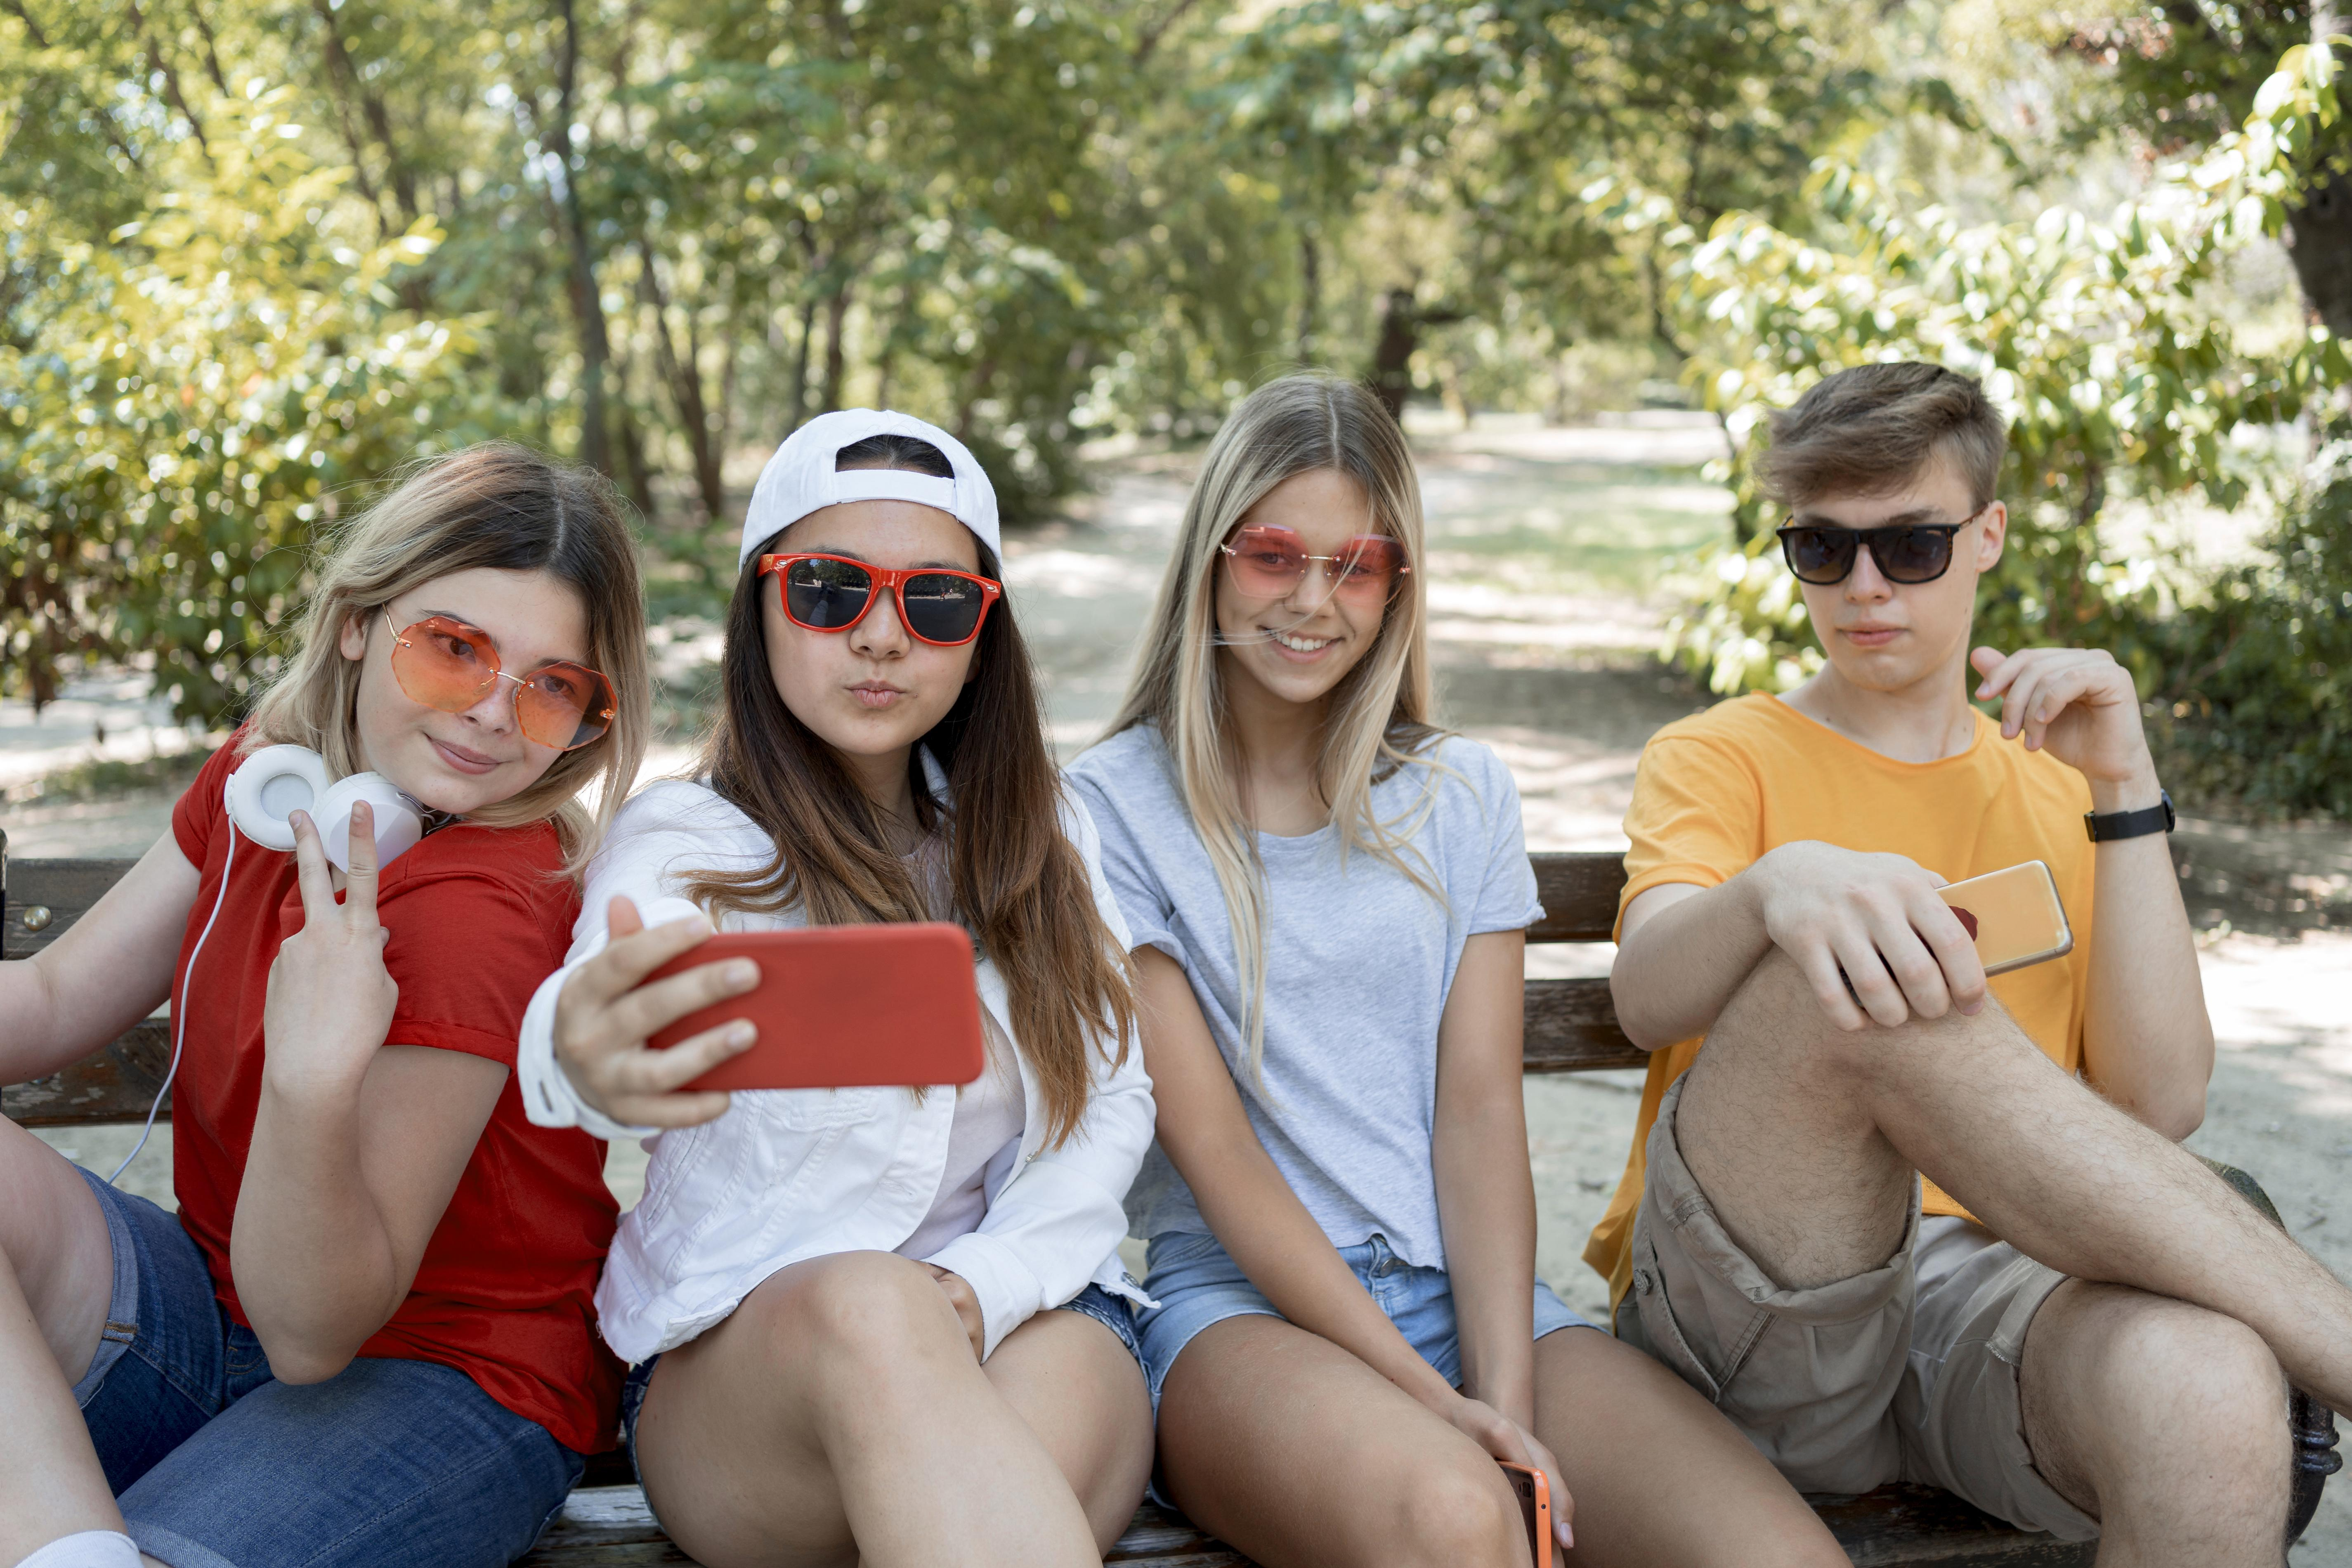 Zeta y Millennials: Generaciones interconectadas